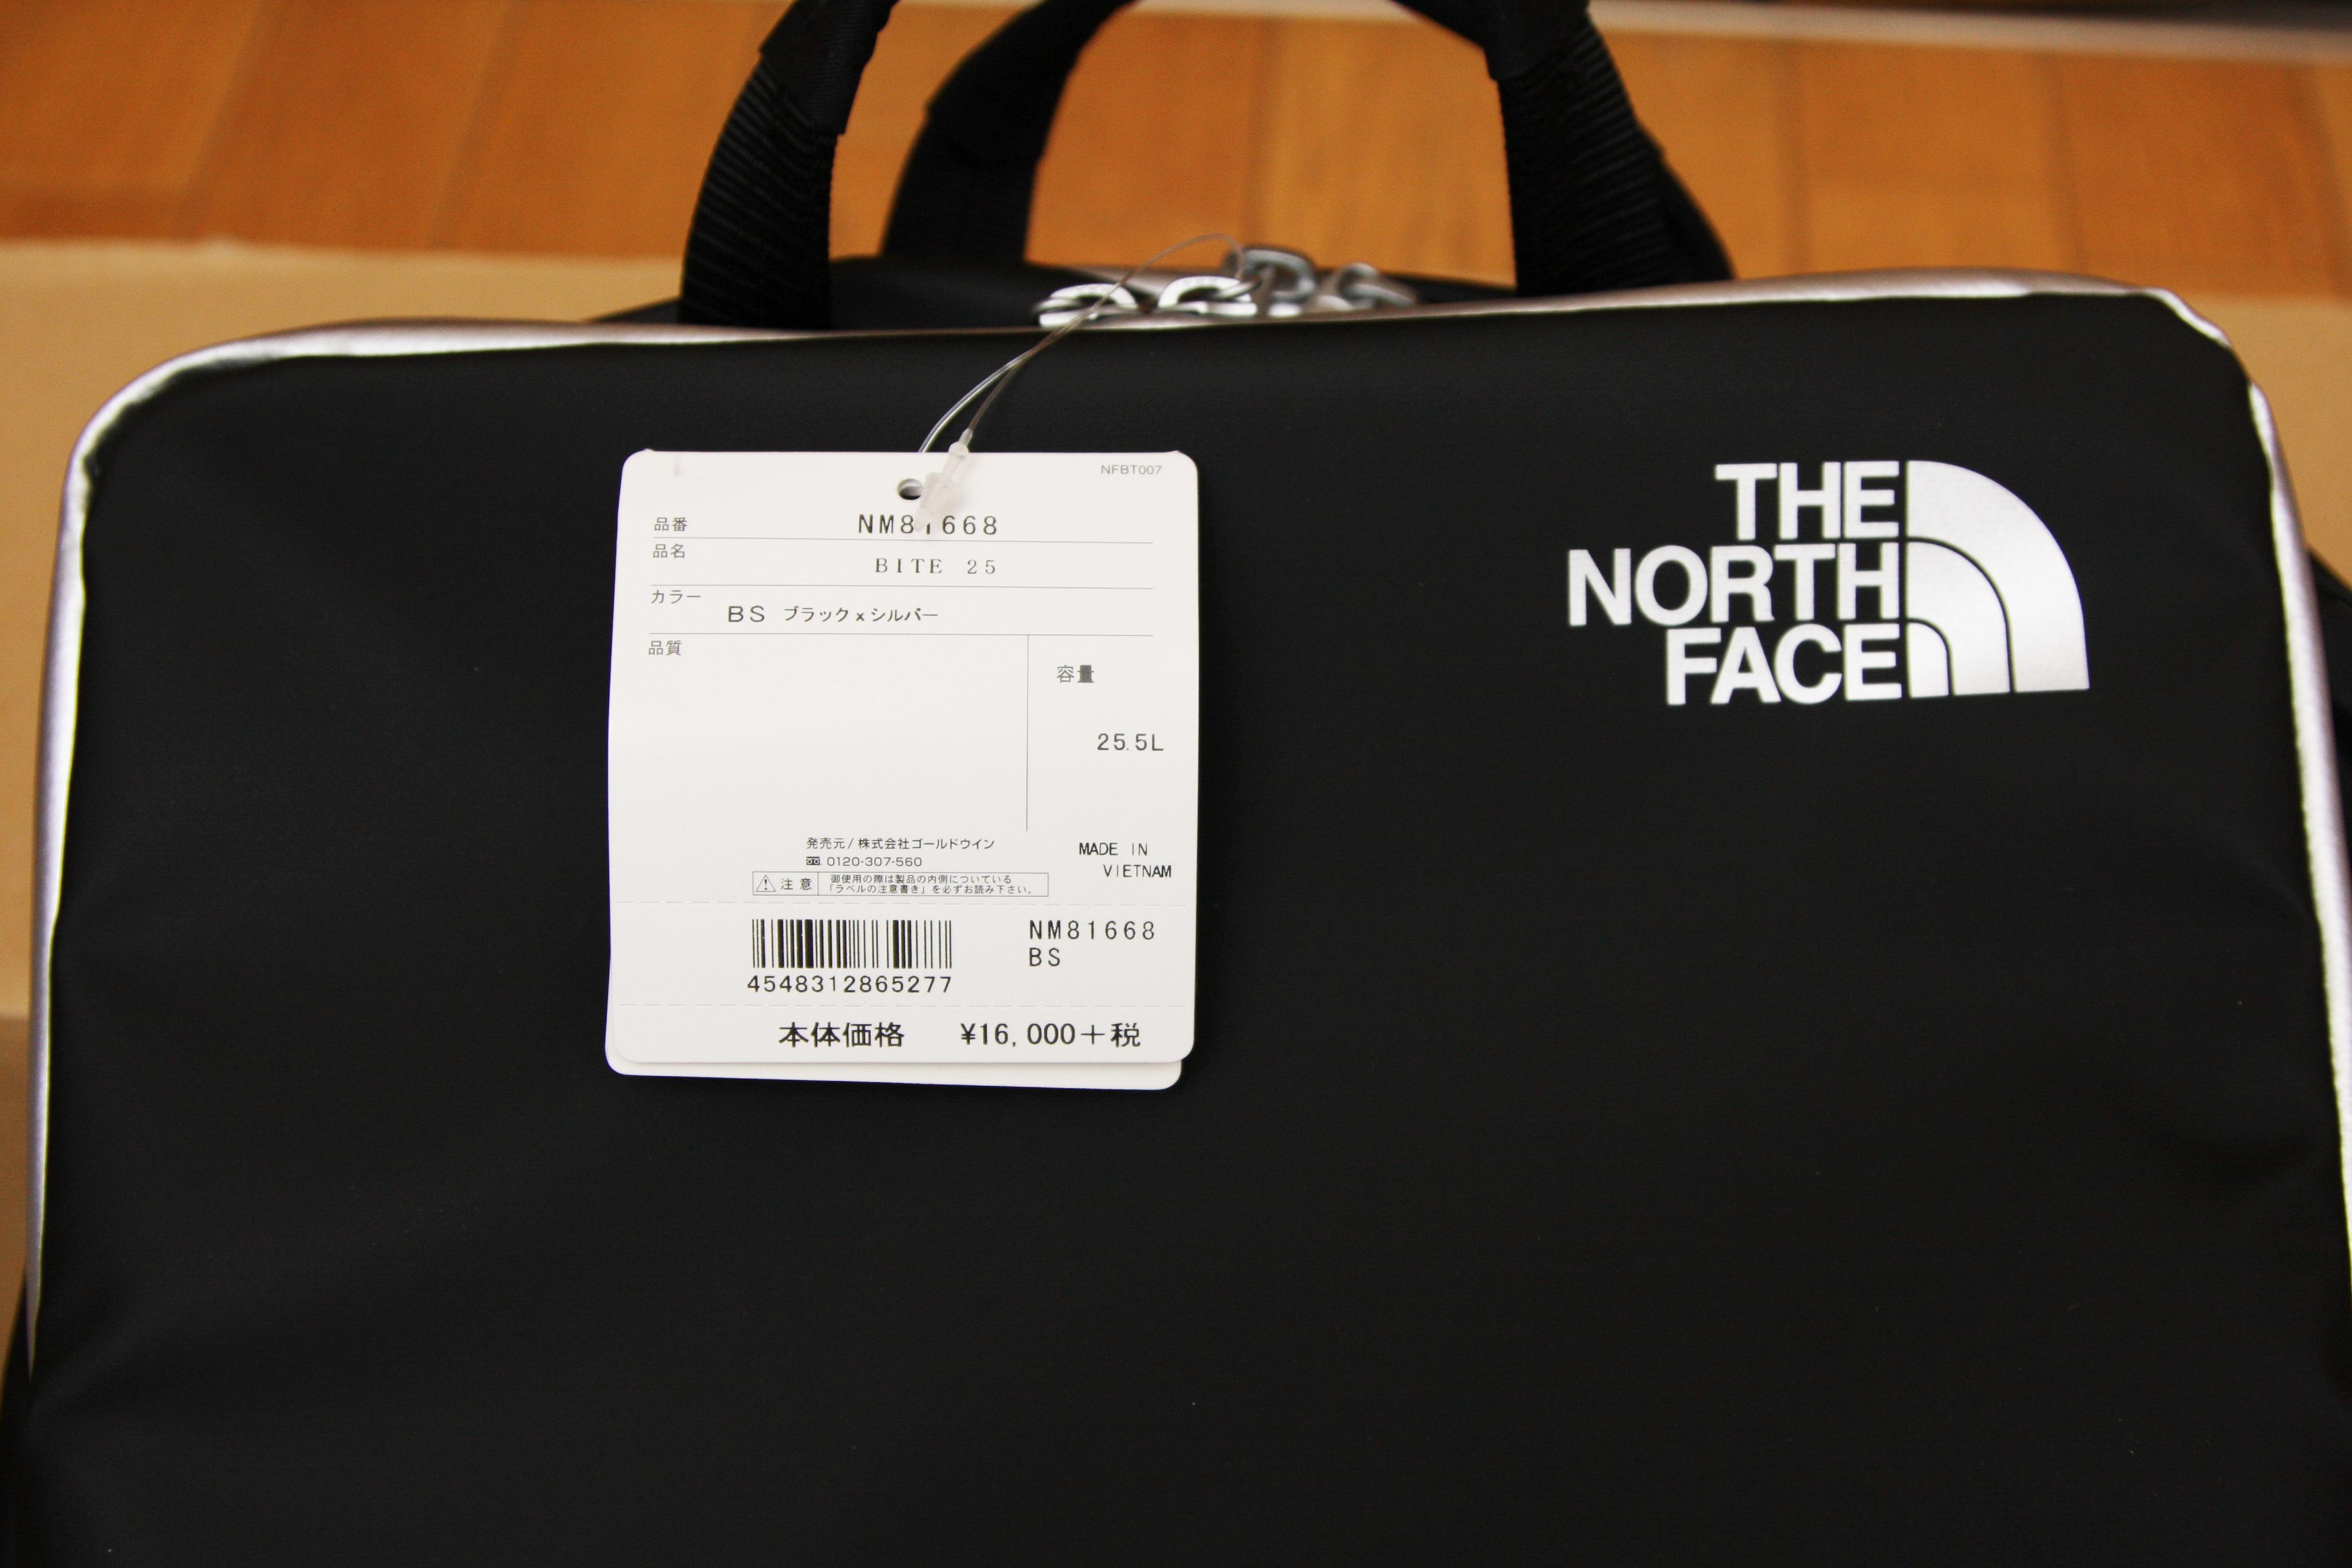 THE NORTH FACE(ザ・ノース・フェイス)限定品 バイト25